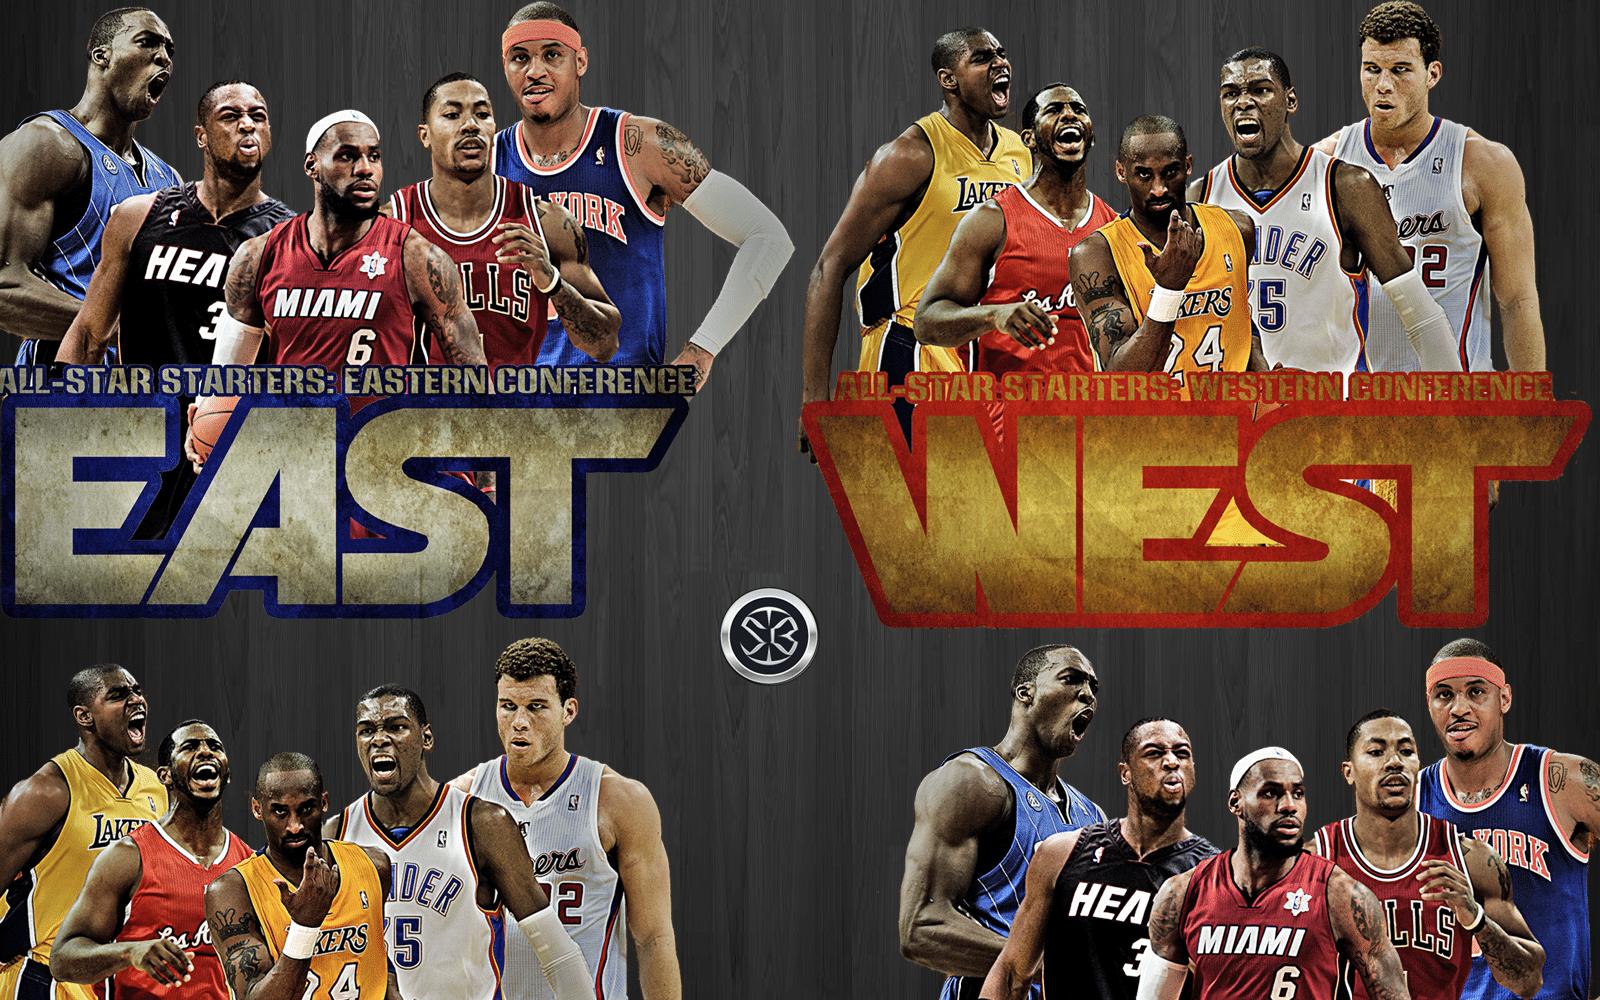 All Star Game et ses préparatifs dans le Debrief de la semaine NBA